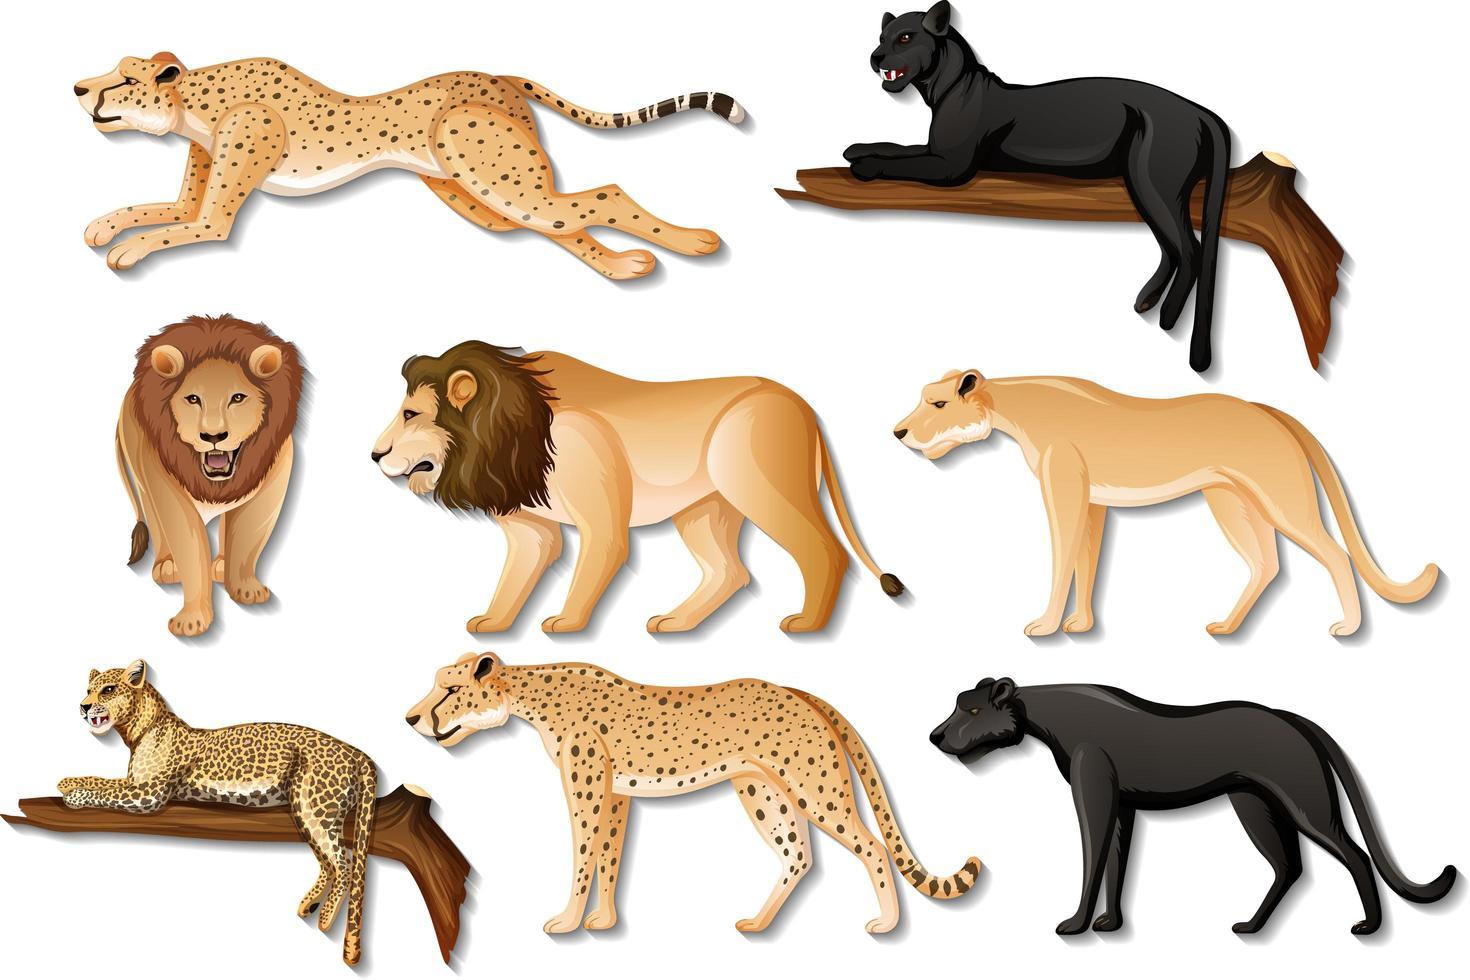 uppsättning isolerade vilda afrikanska djur på vit bakgrund vektor